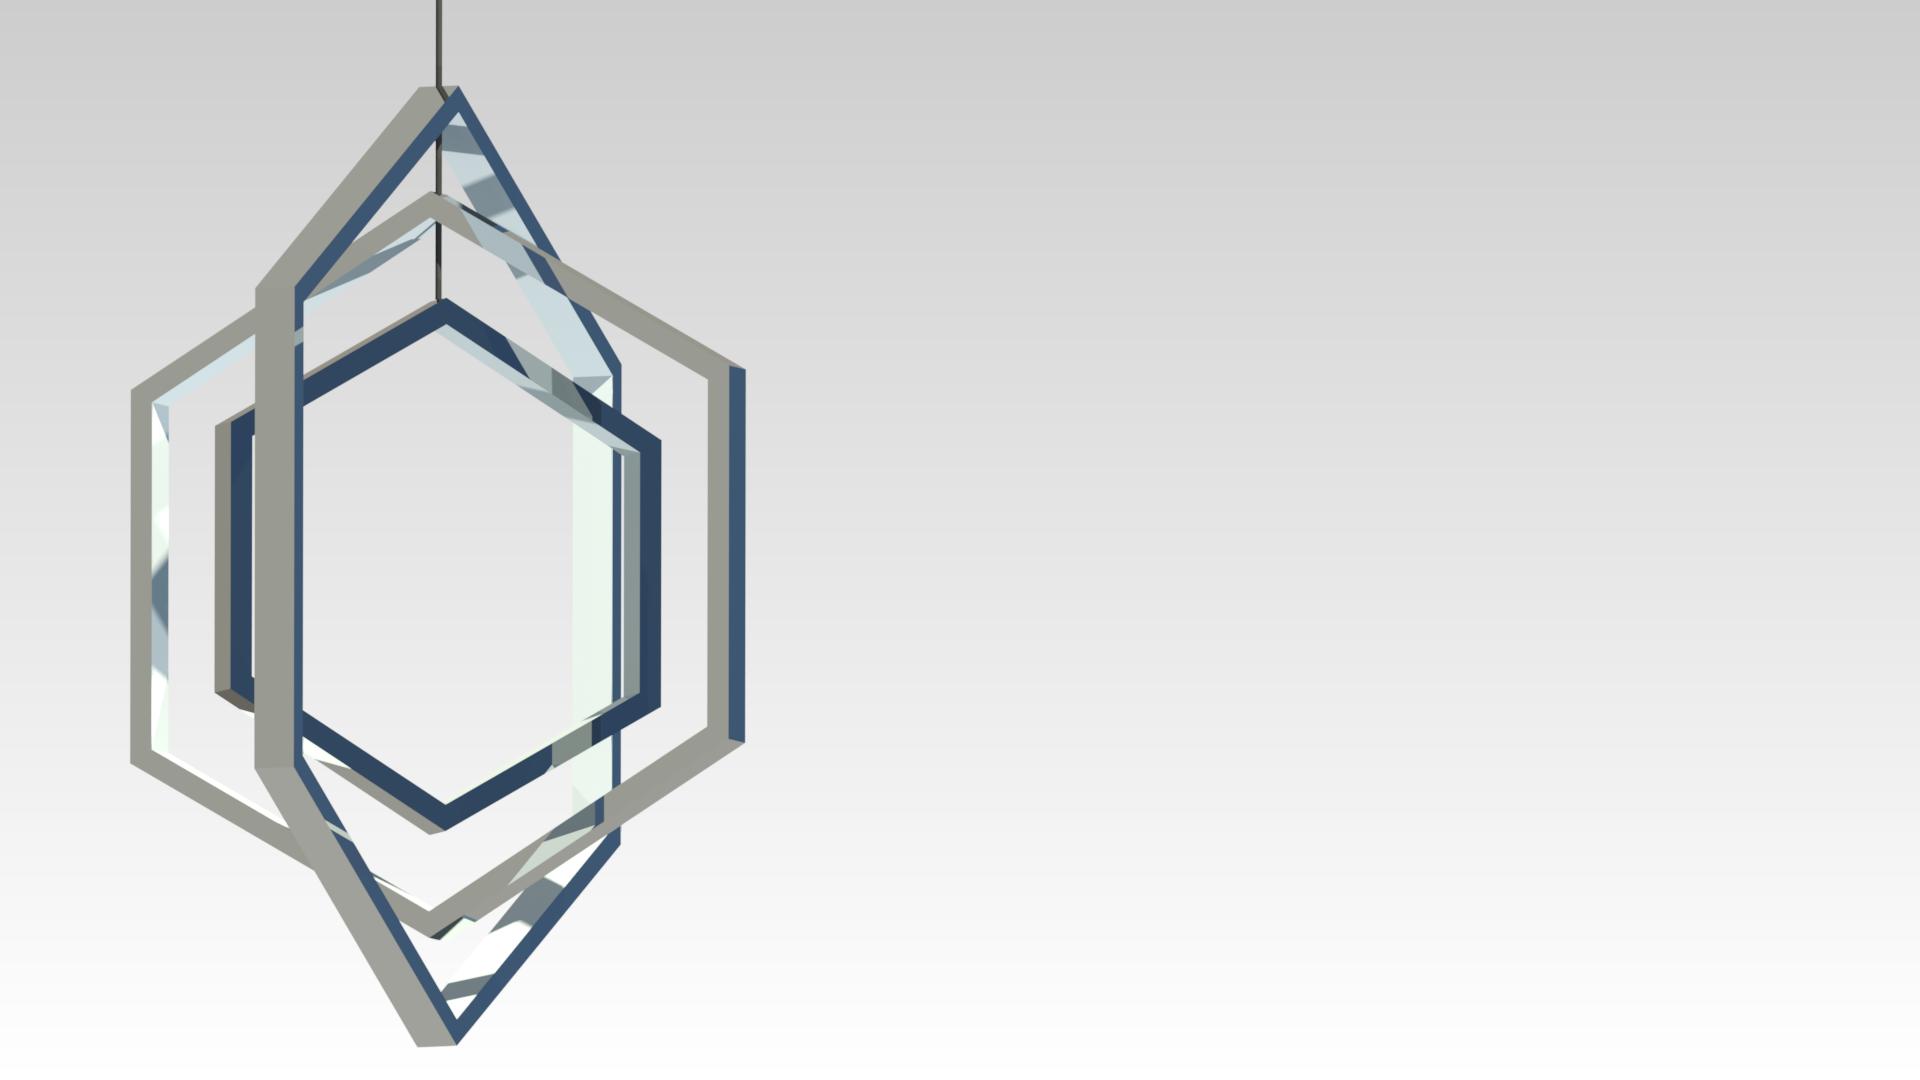 светодиодная подвесная люстра из нержавеющей стали